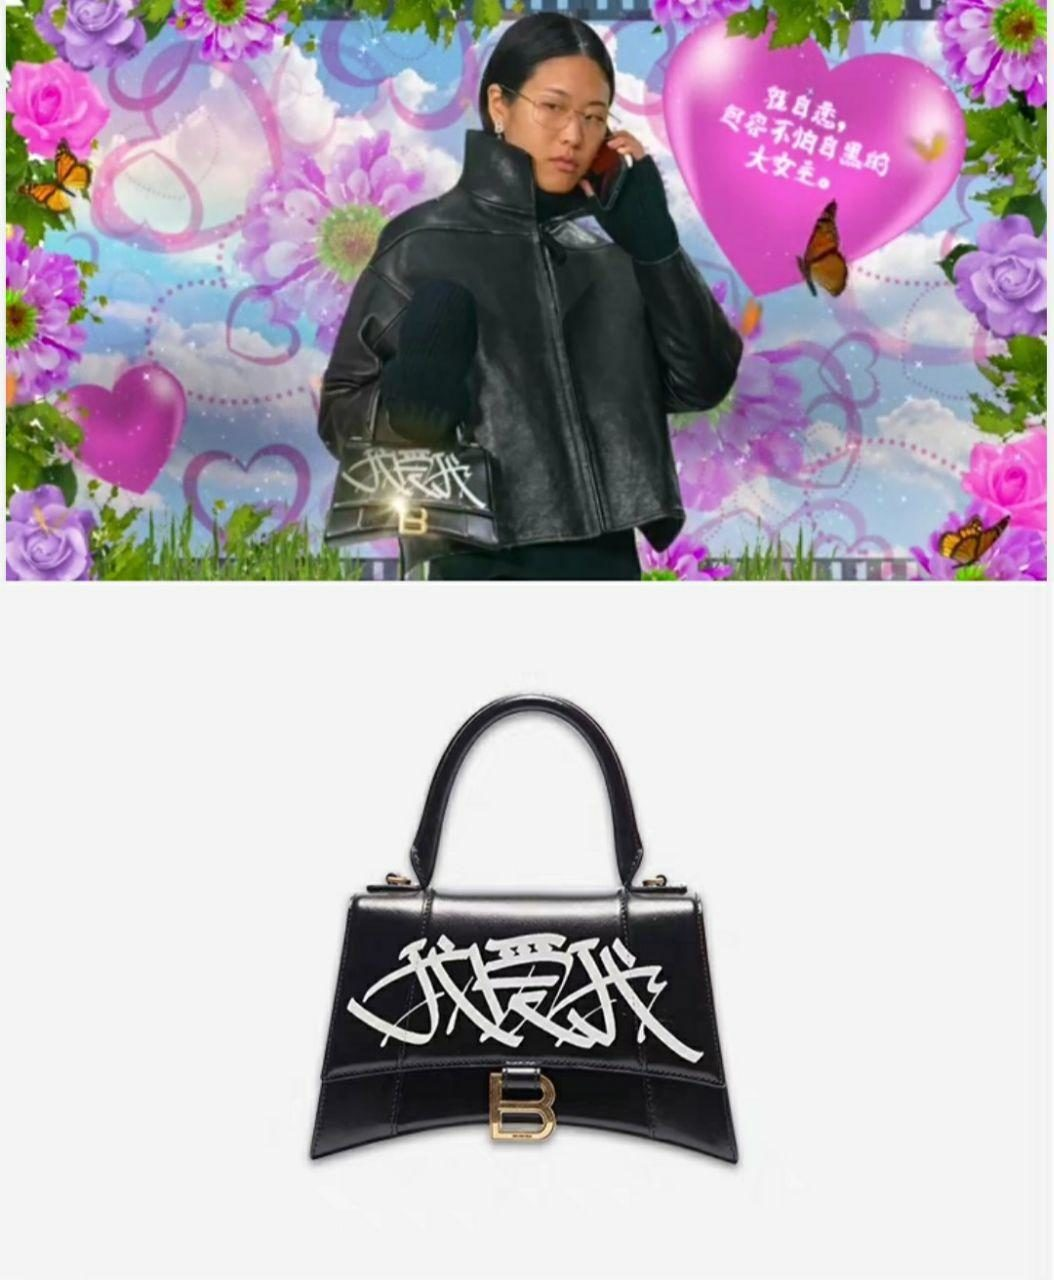 七夕廣告被罵「辱華」 「巴黎世家」官方澄清:是荒誕末世風!